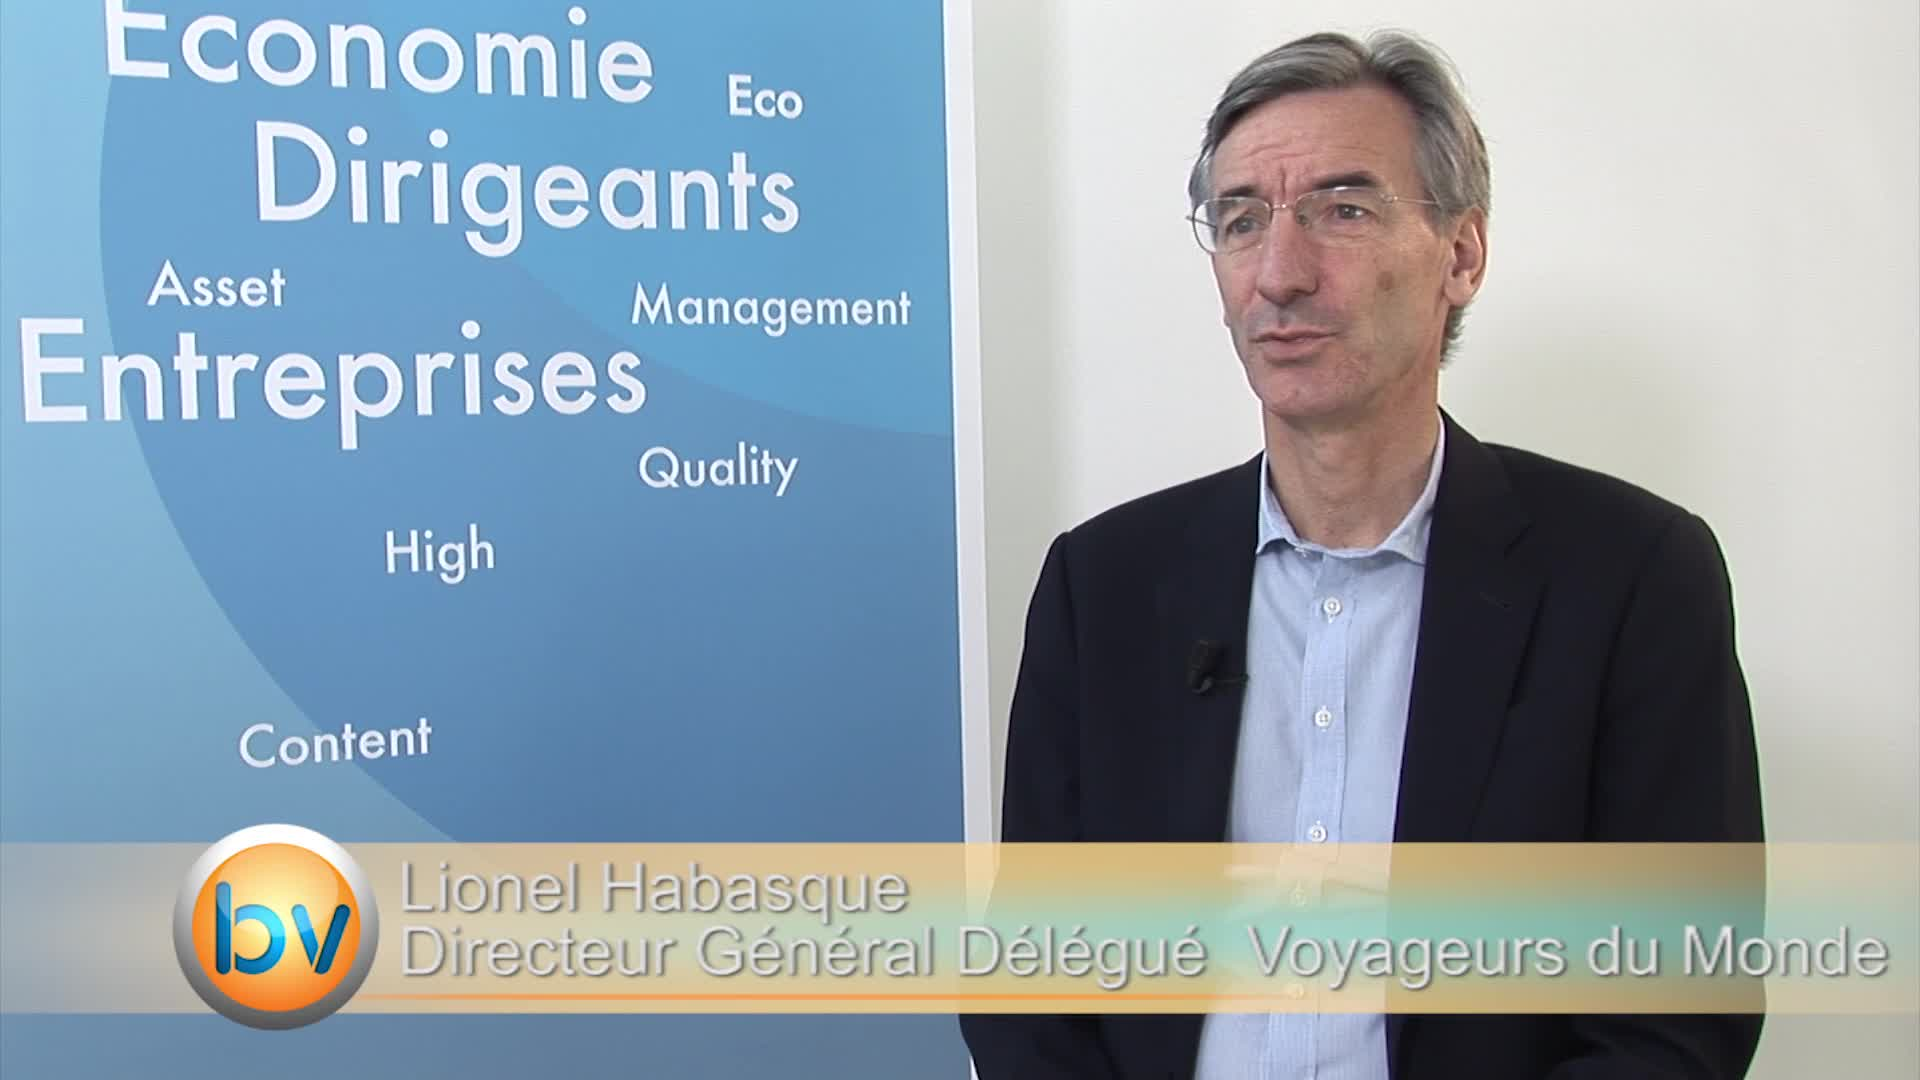 Lionel Habasque Directeur Général Délégué Voyageurs du Monde : «Des opportunités de croissance externe en Europe»